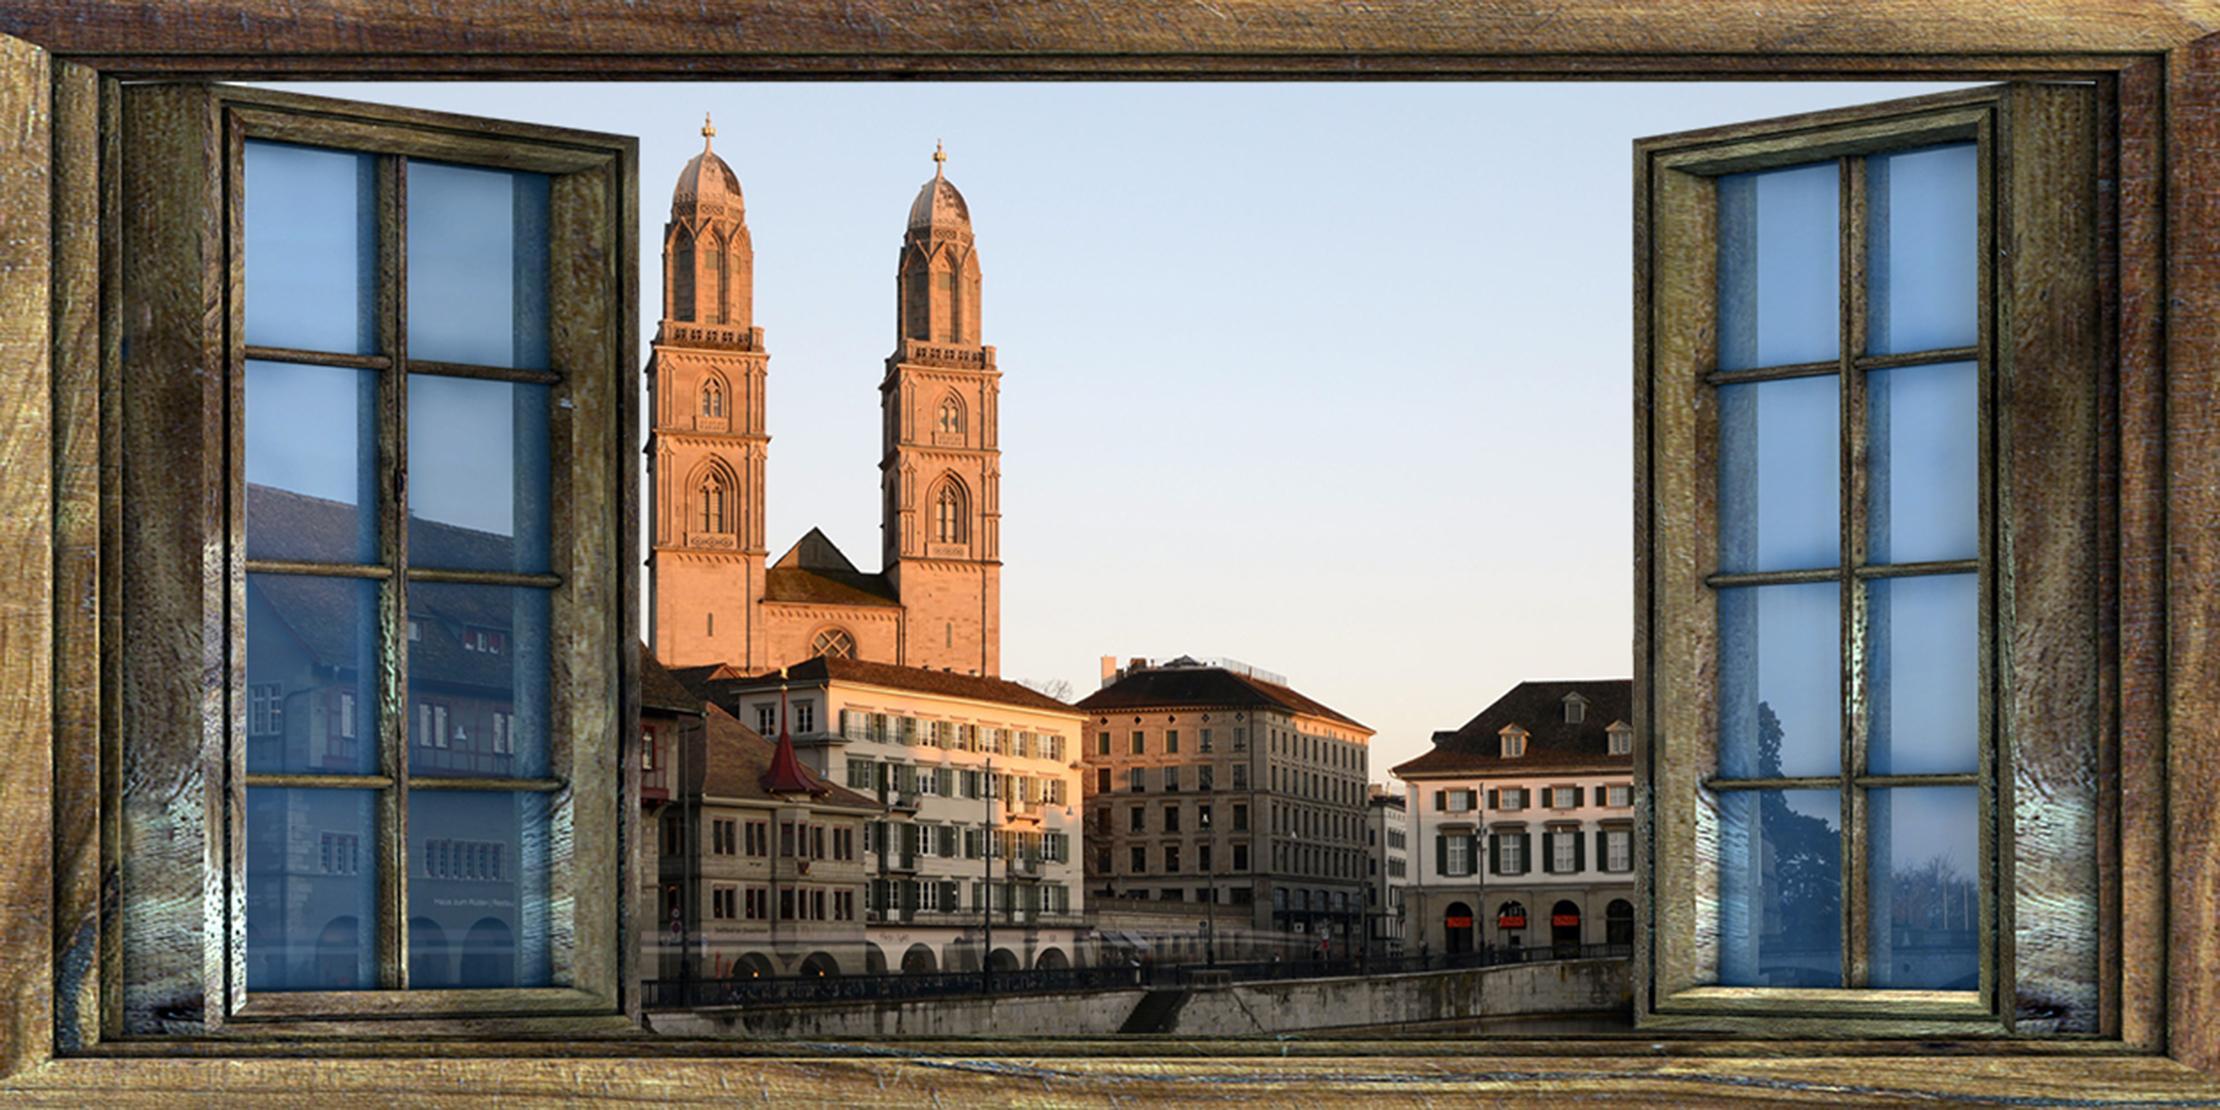 ZürichFenster – a window on Zurich